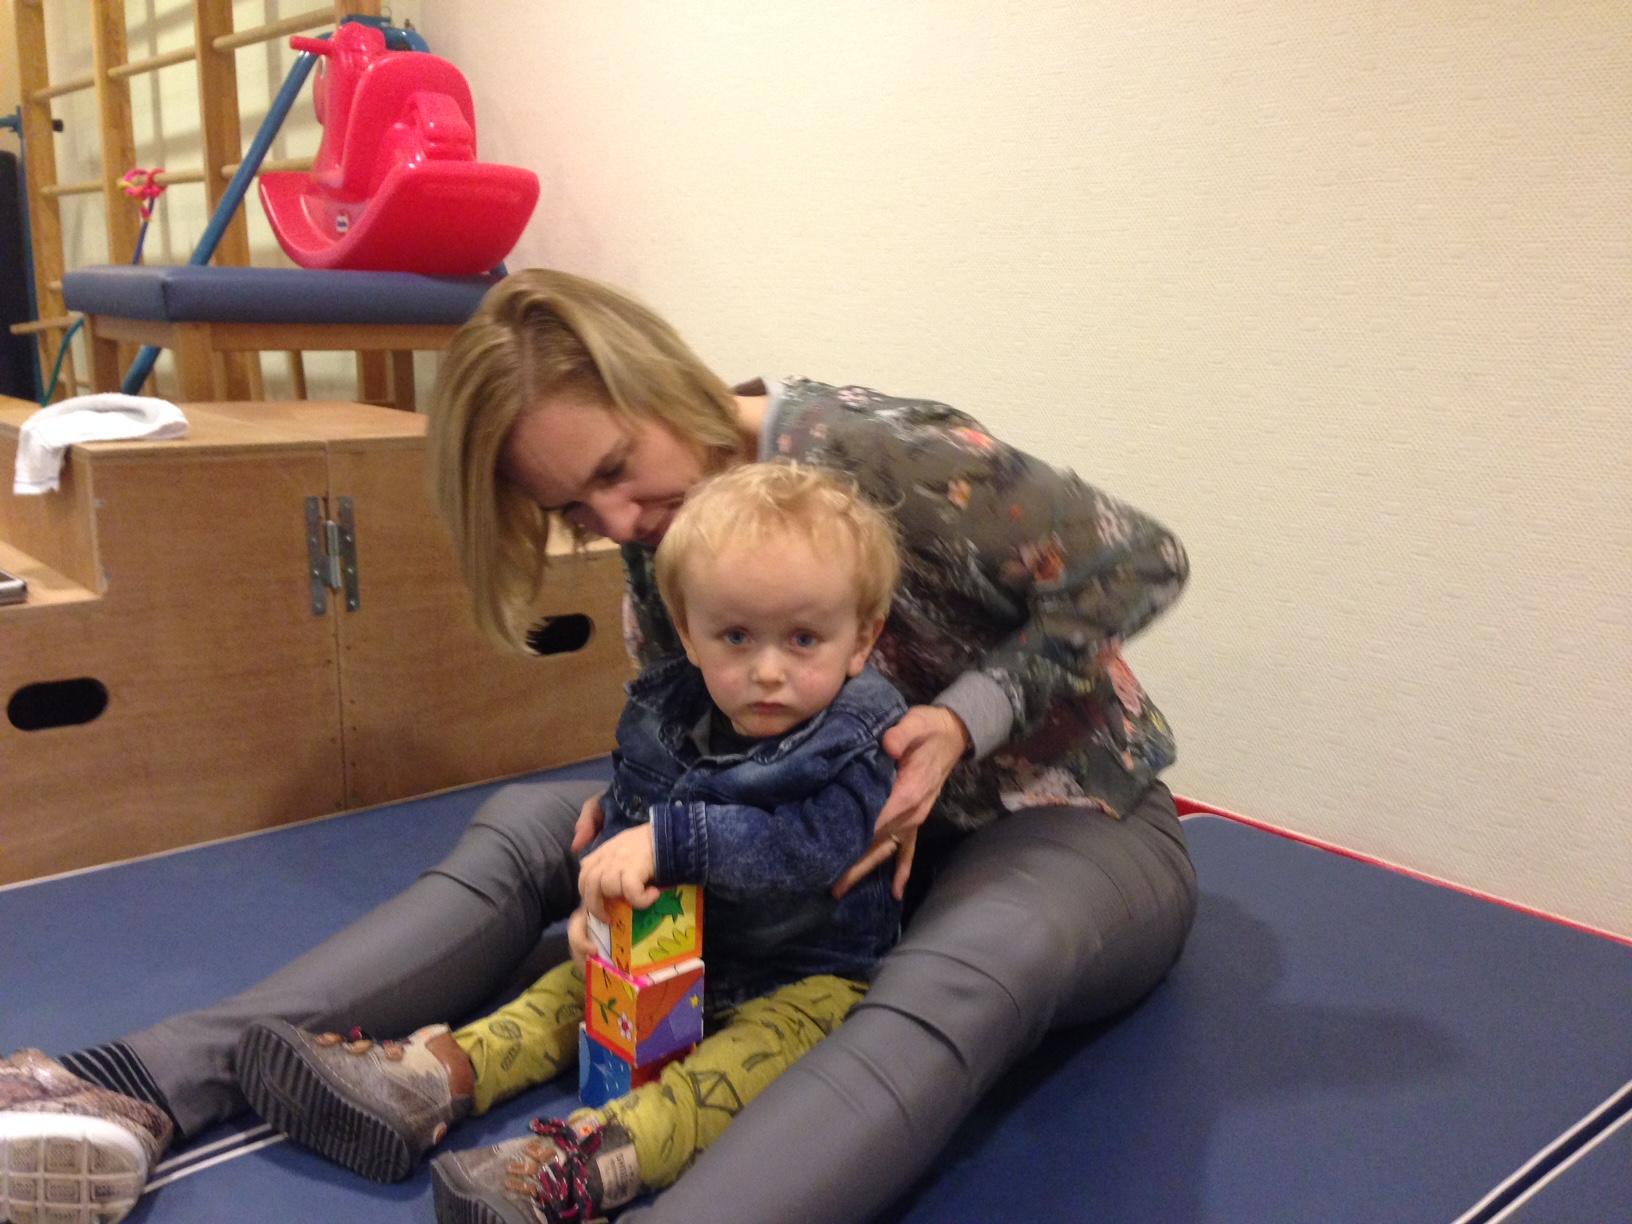 Beweging voor kinderen is belangrijk, dat leren ze bij kinderfysiotherapieregiowestland